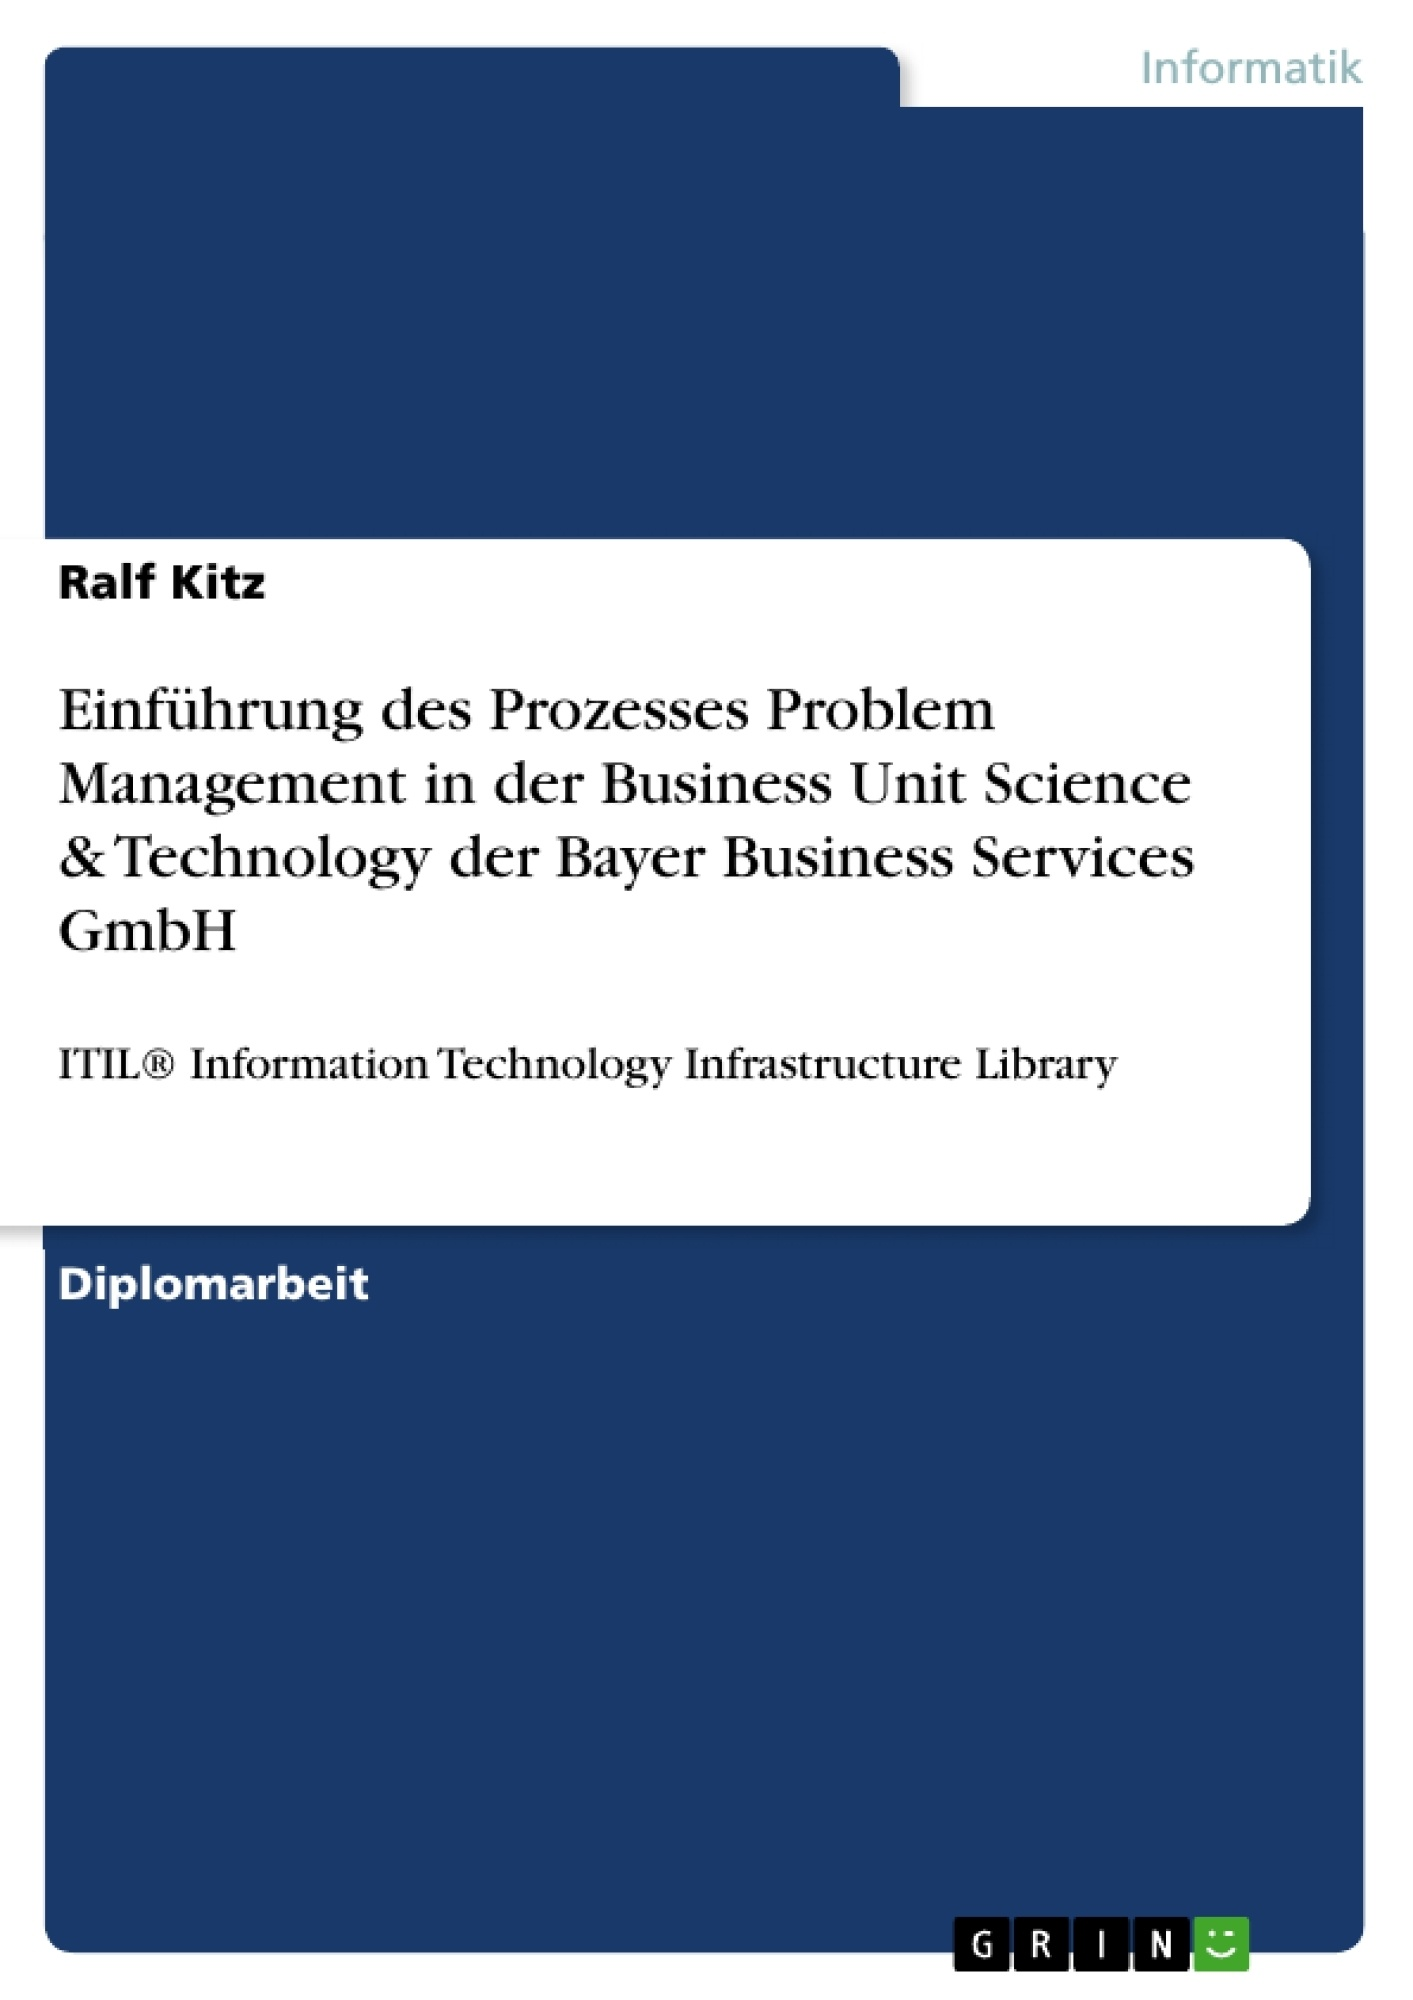 Titel: Einführung des Prozesses Problem Management in der Business Unit Science & Technology der Bayer Business Services GmbH